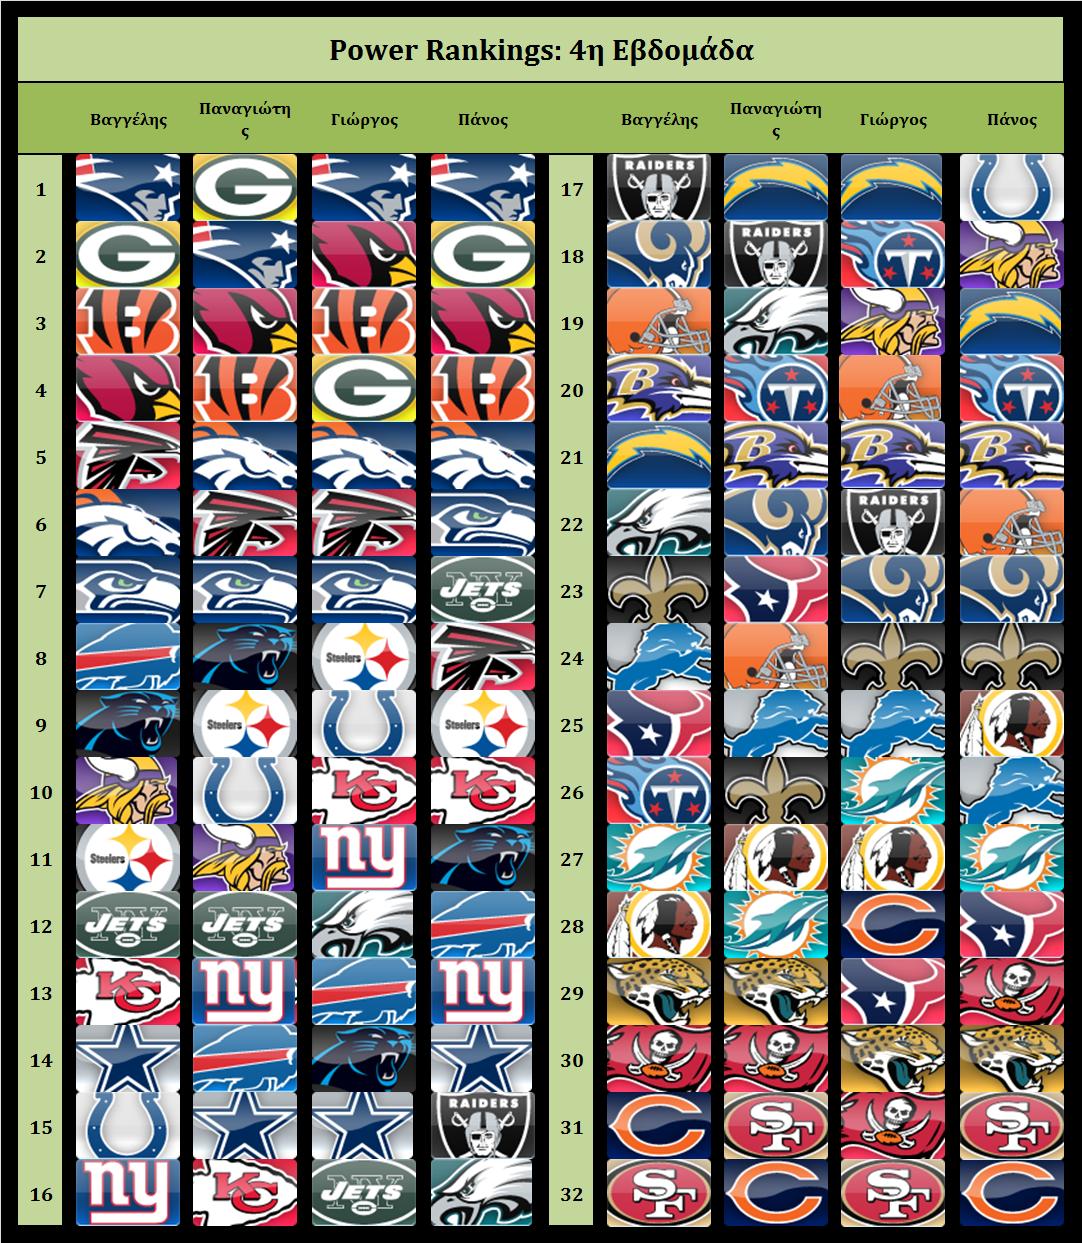 Power Rankings 2015 week 4 table